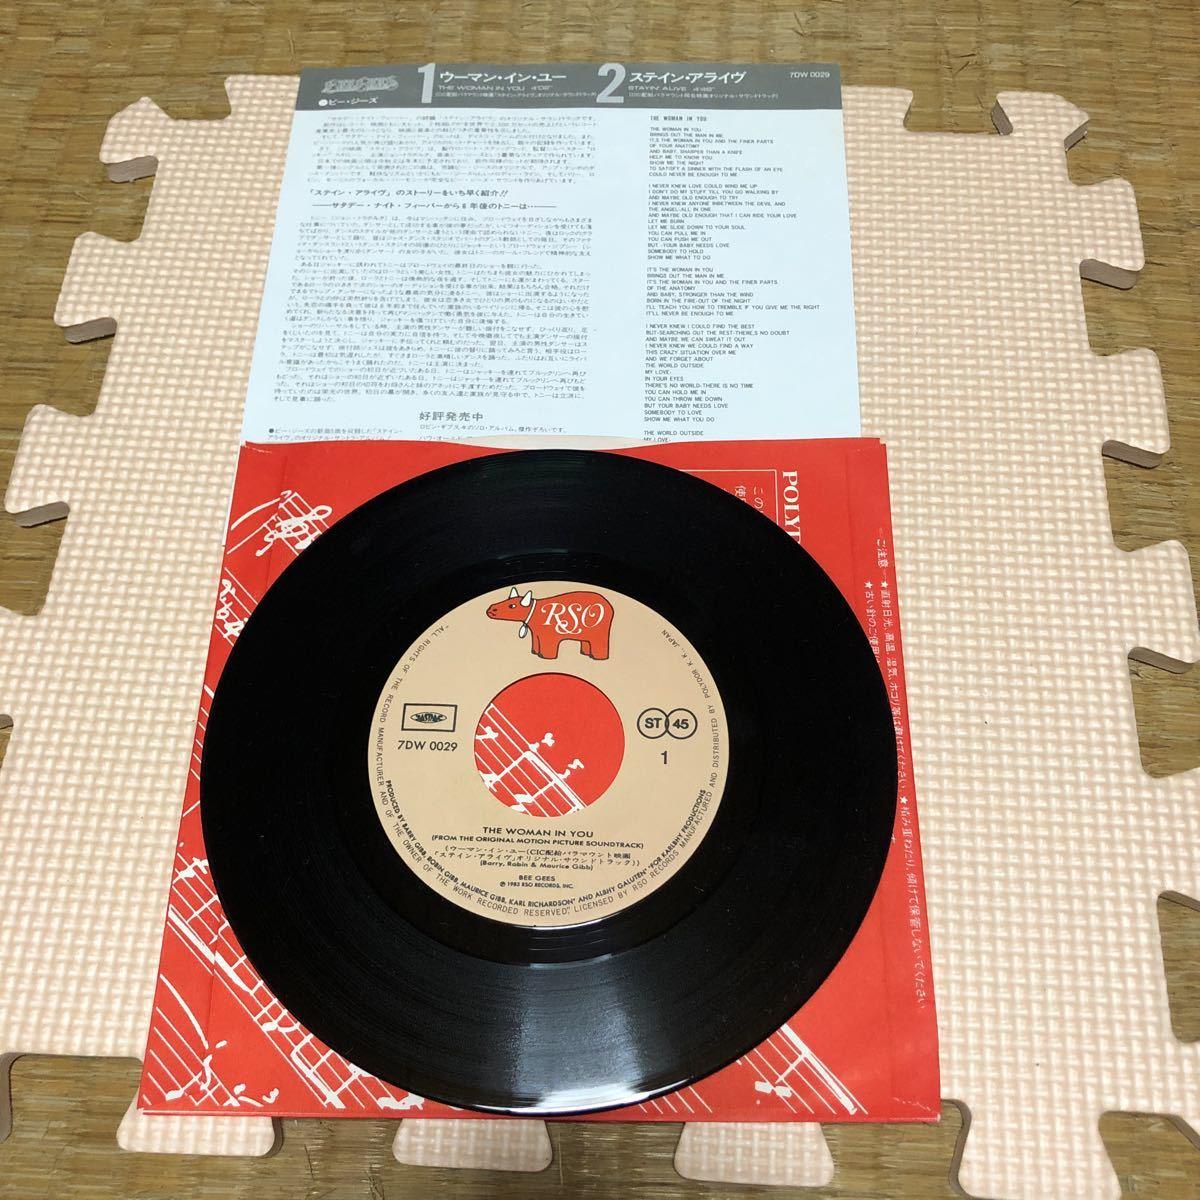 ビー・ジーズ ウーマン・イン・ユー/ステイン・アライブ 国内盤7インチシングルレコード